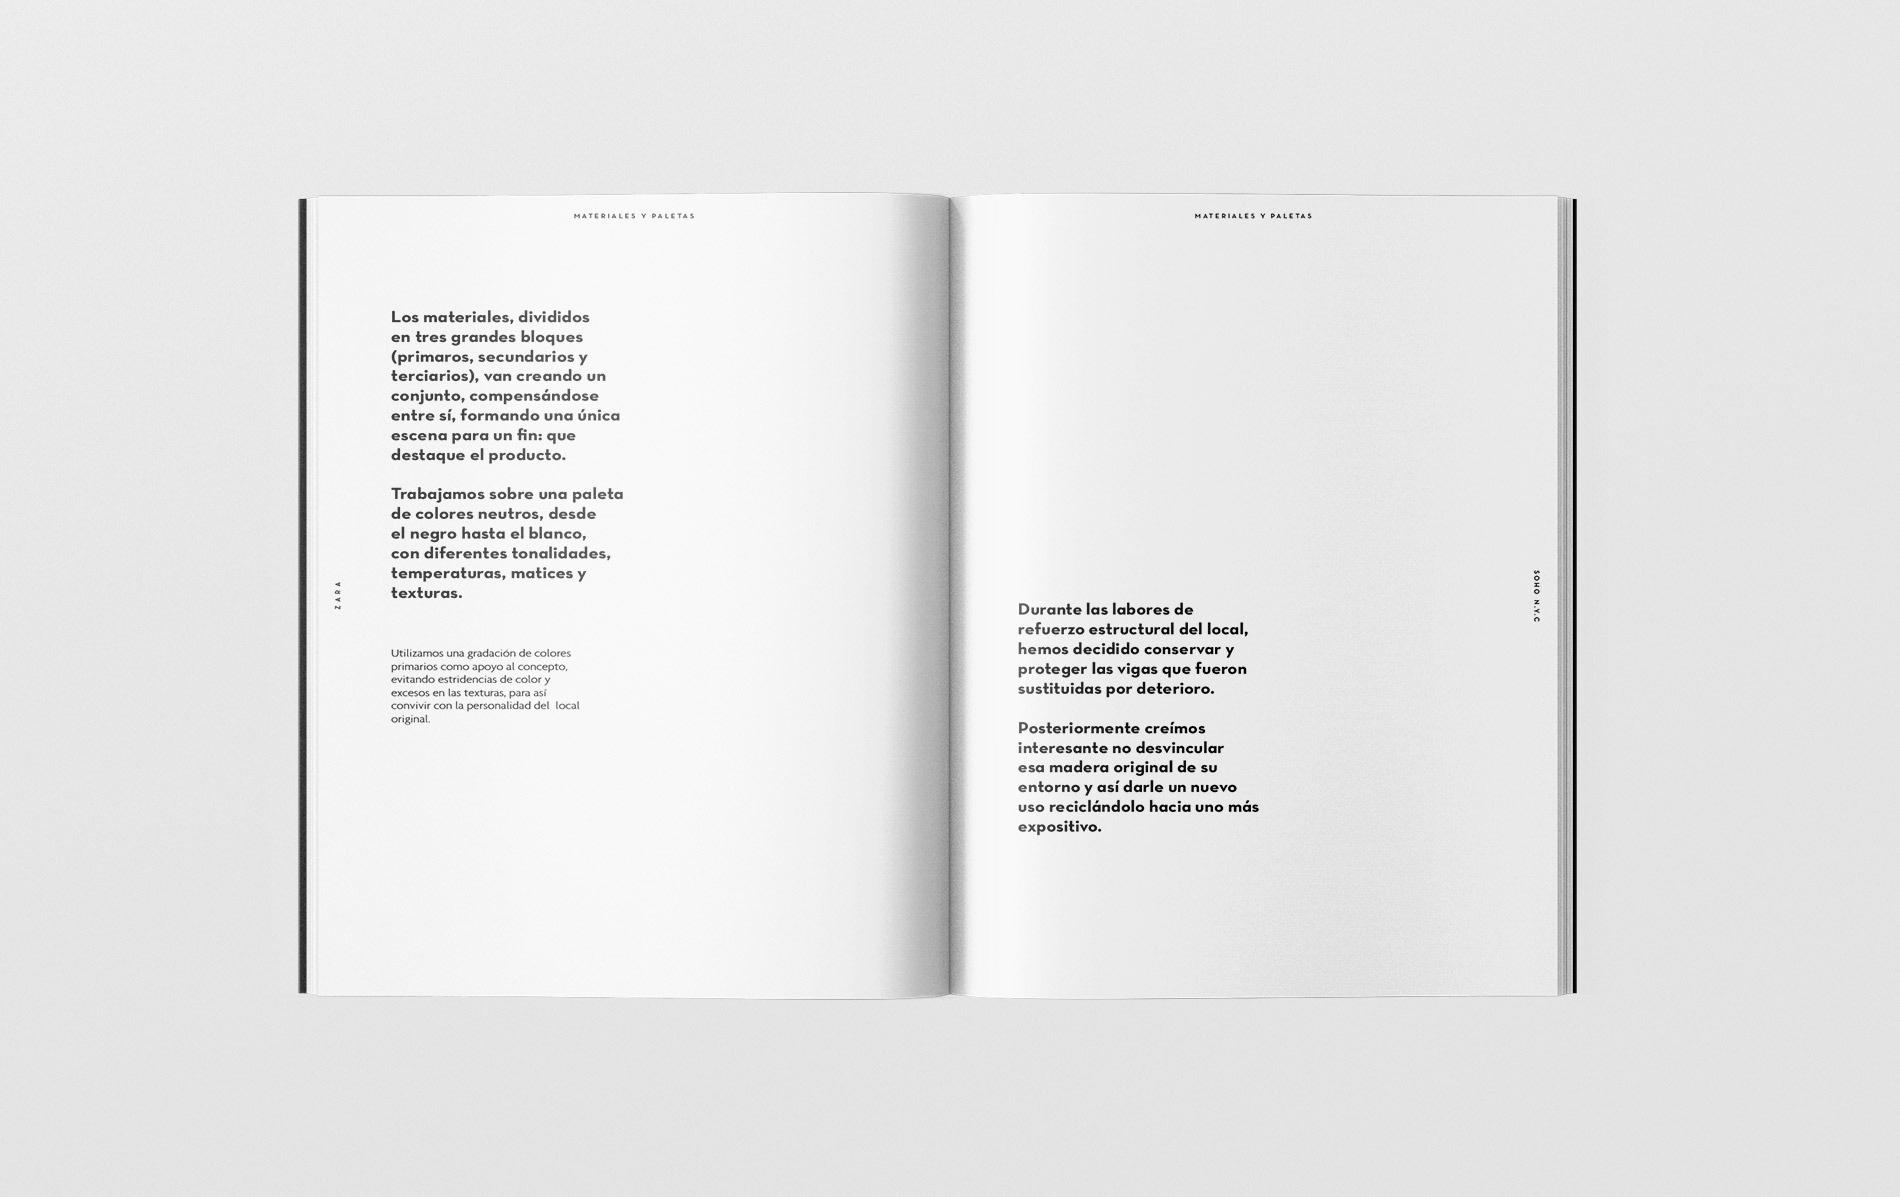 diseño libro